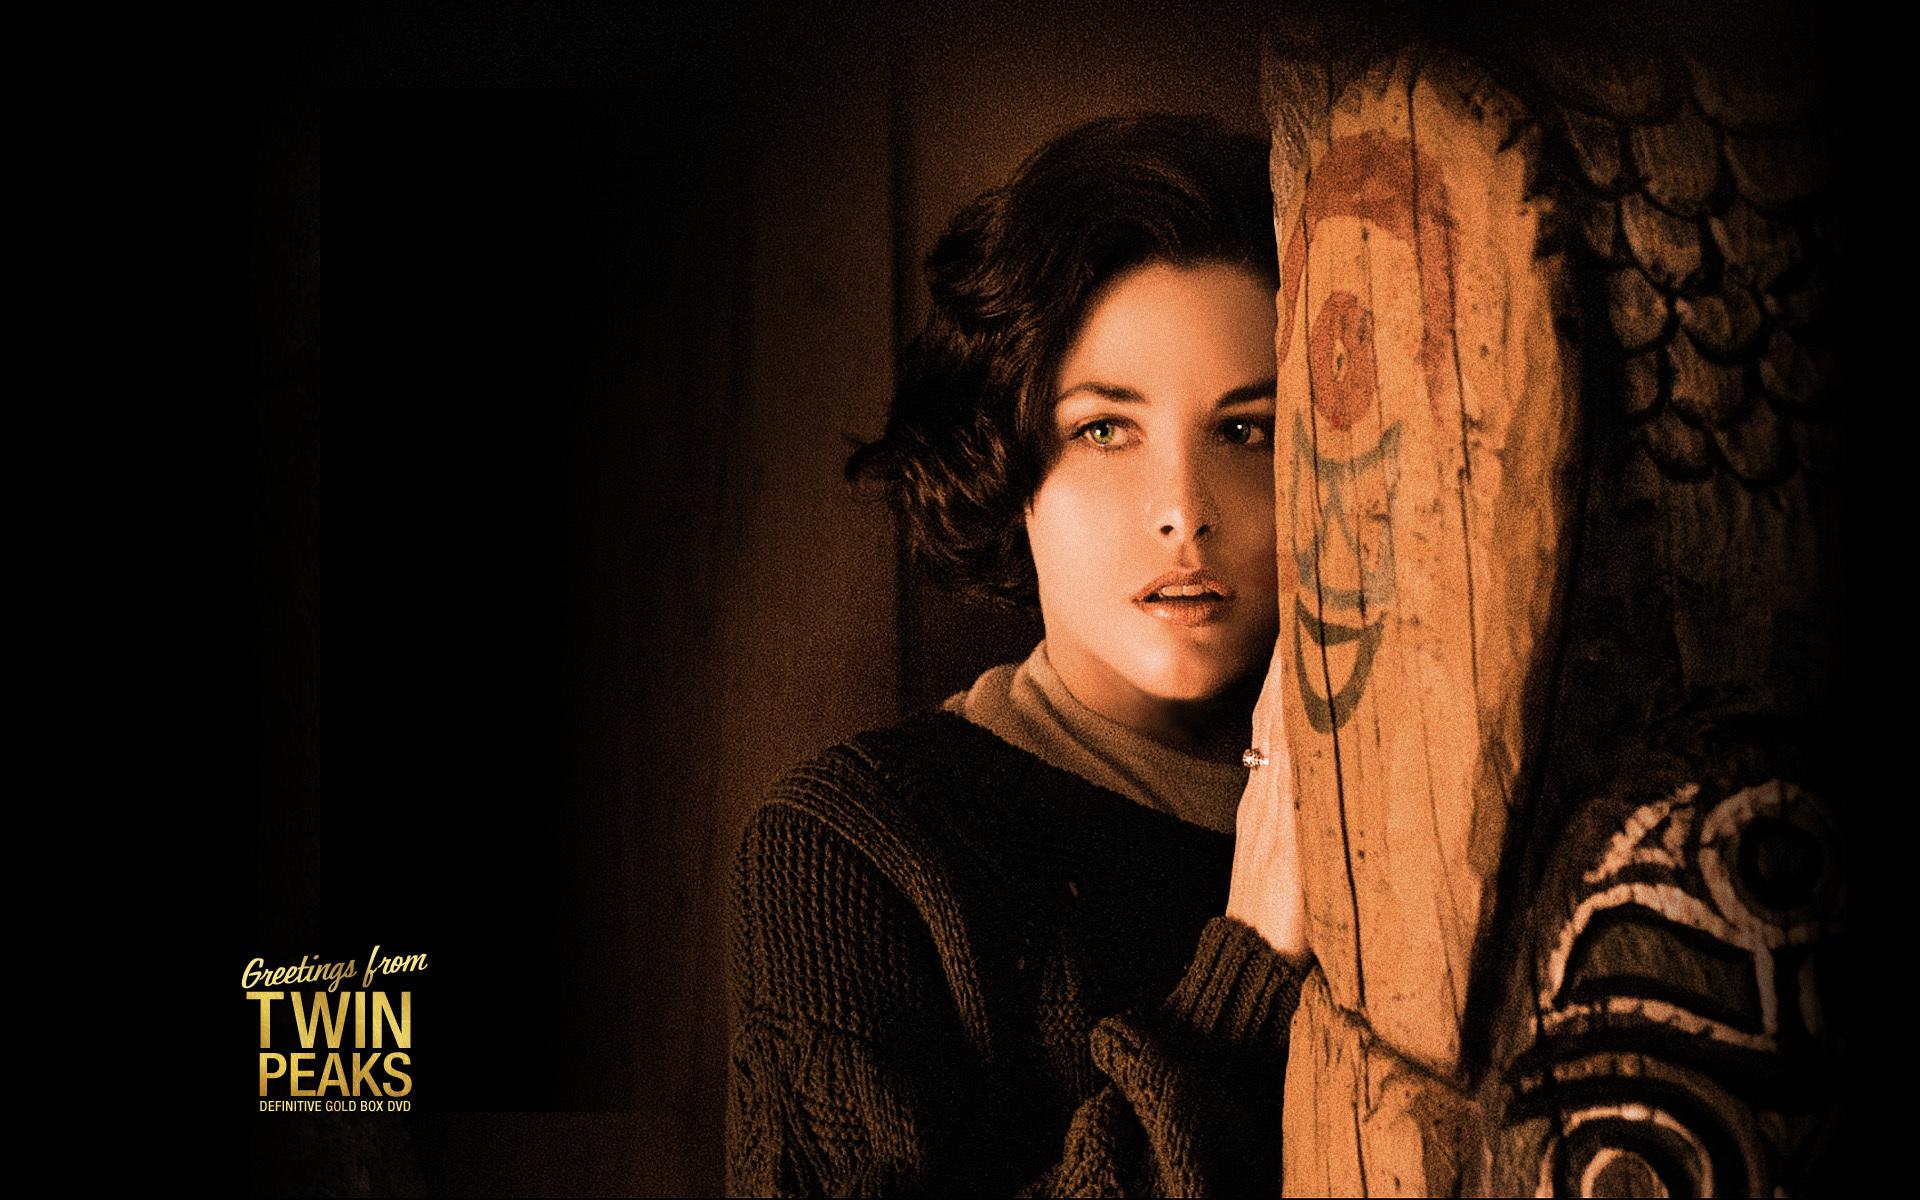 Audrey Horne - Twin Peaks Wallpaper (15926687) - Fanpop